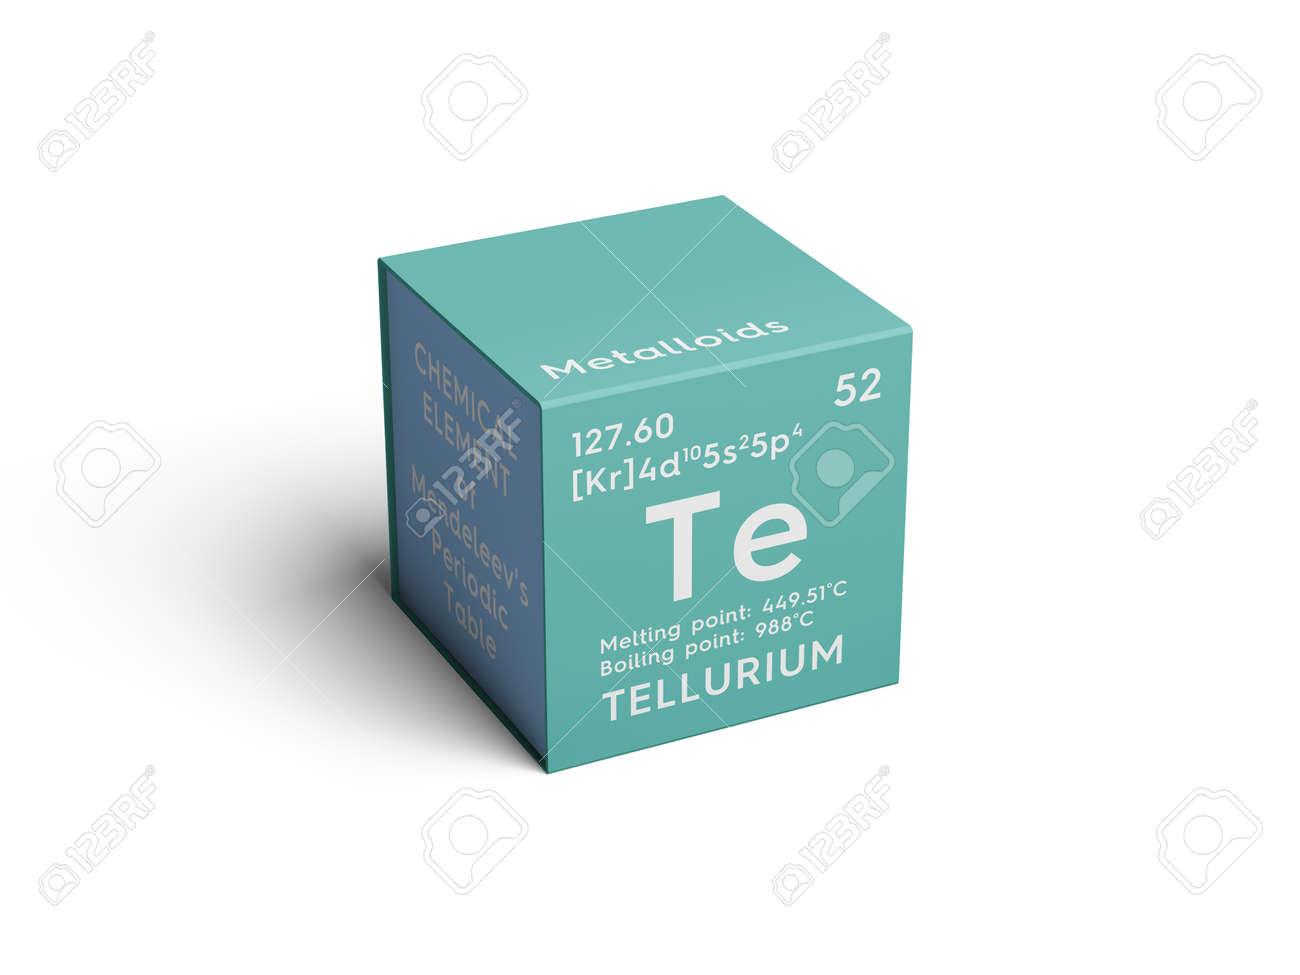 Telurio metaloides elemento qumico de la tabla peridica de metaloides elemento qumico de la tabla peridica de mendeleev telurio en cubo cuadrado concepto creativo urtaz Images